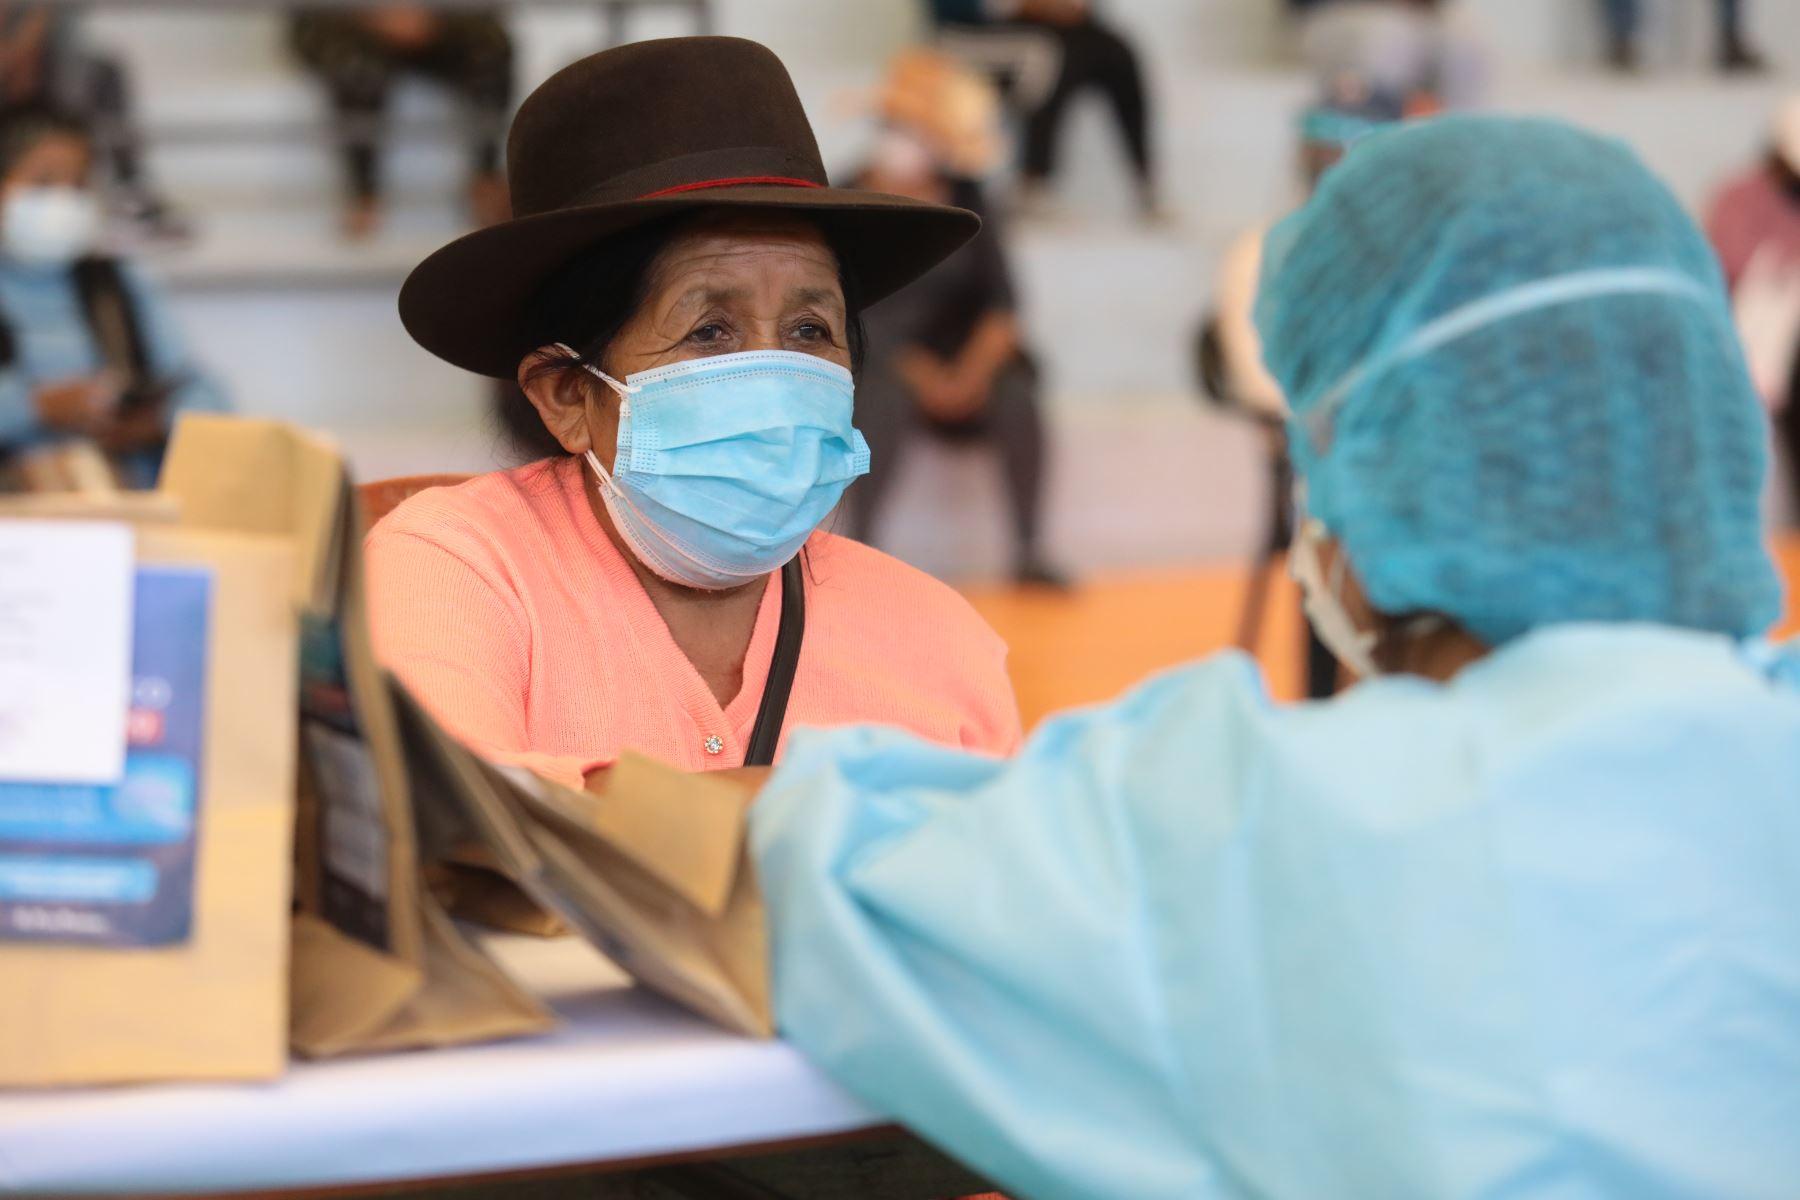 Essalud realiza campaña de detección del virus con 1500 pruebas rápidas y kit covid-19 para el tratamiento temprano de los casos en la región Moquegua. Foto: Essalud